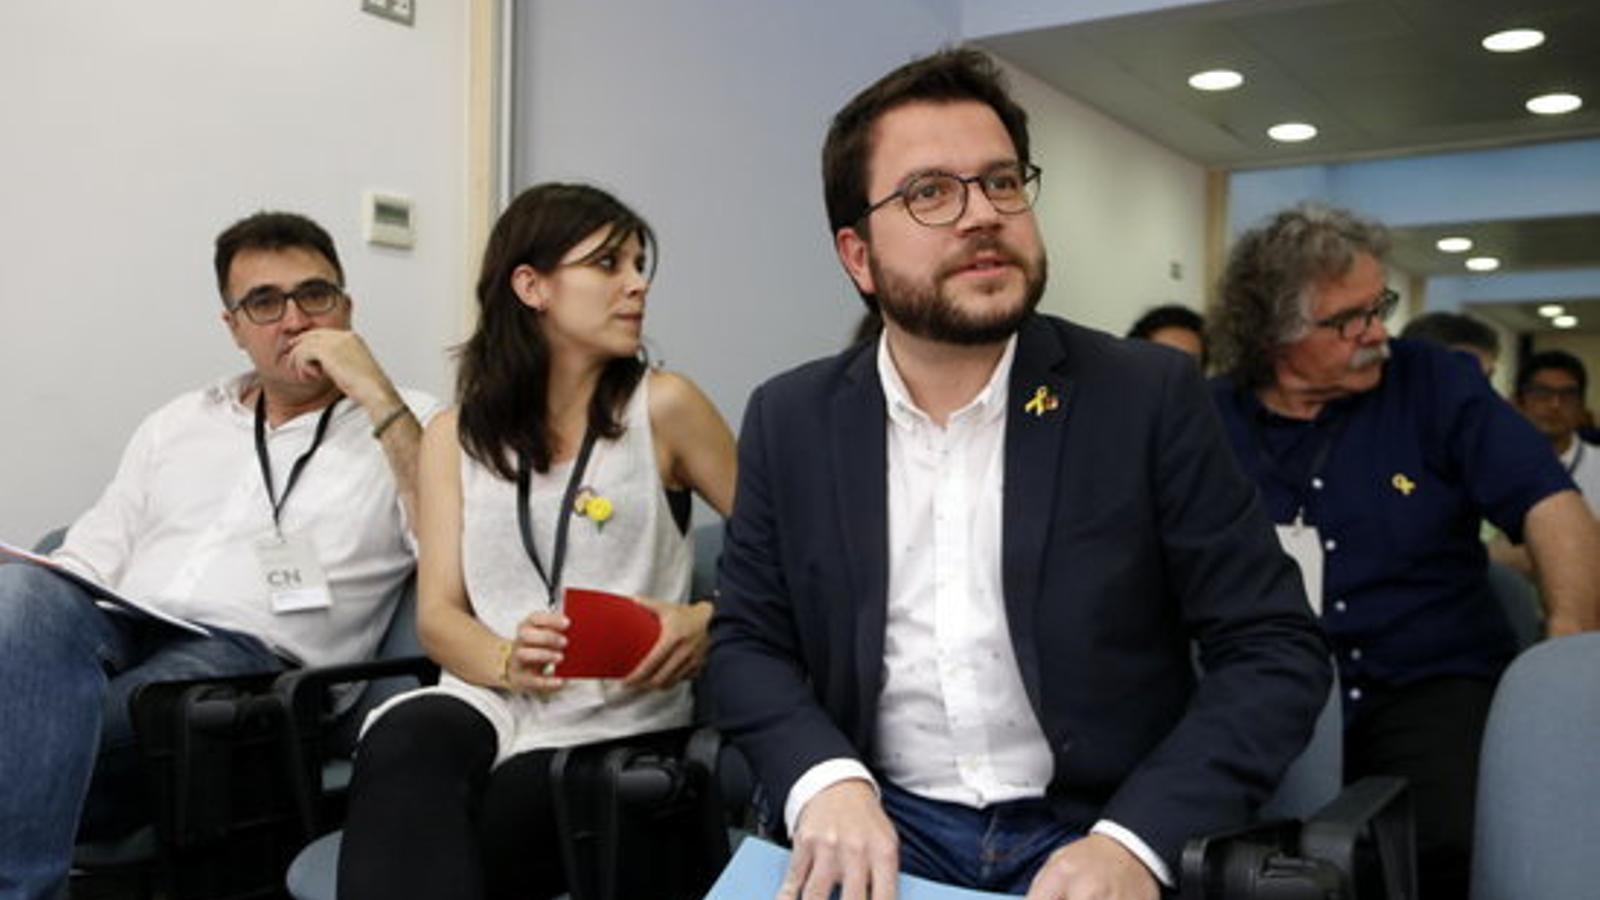 L'adjunt a la presidència d'ERC i vicepresident del Govern, Pere Aragonès, amb Lluís Salvadó i Marta Vilalta, al Consell Nacional d'ERC